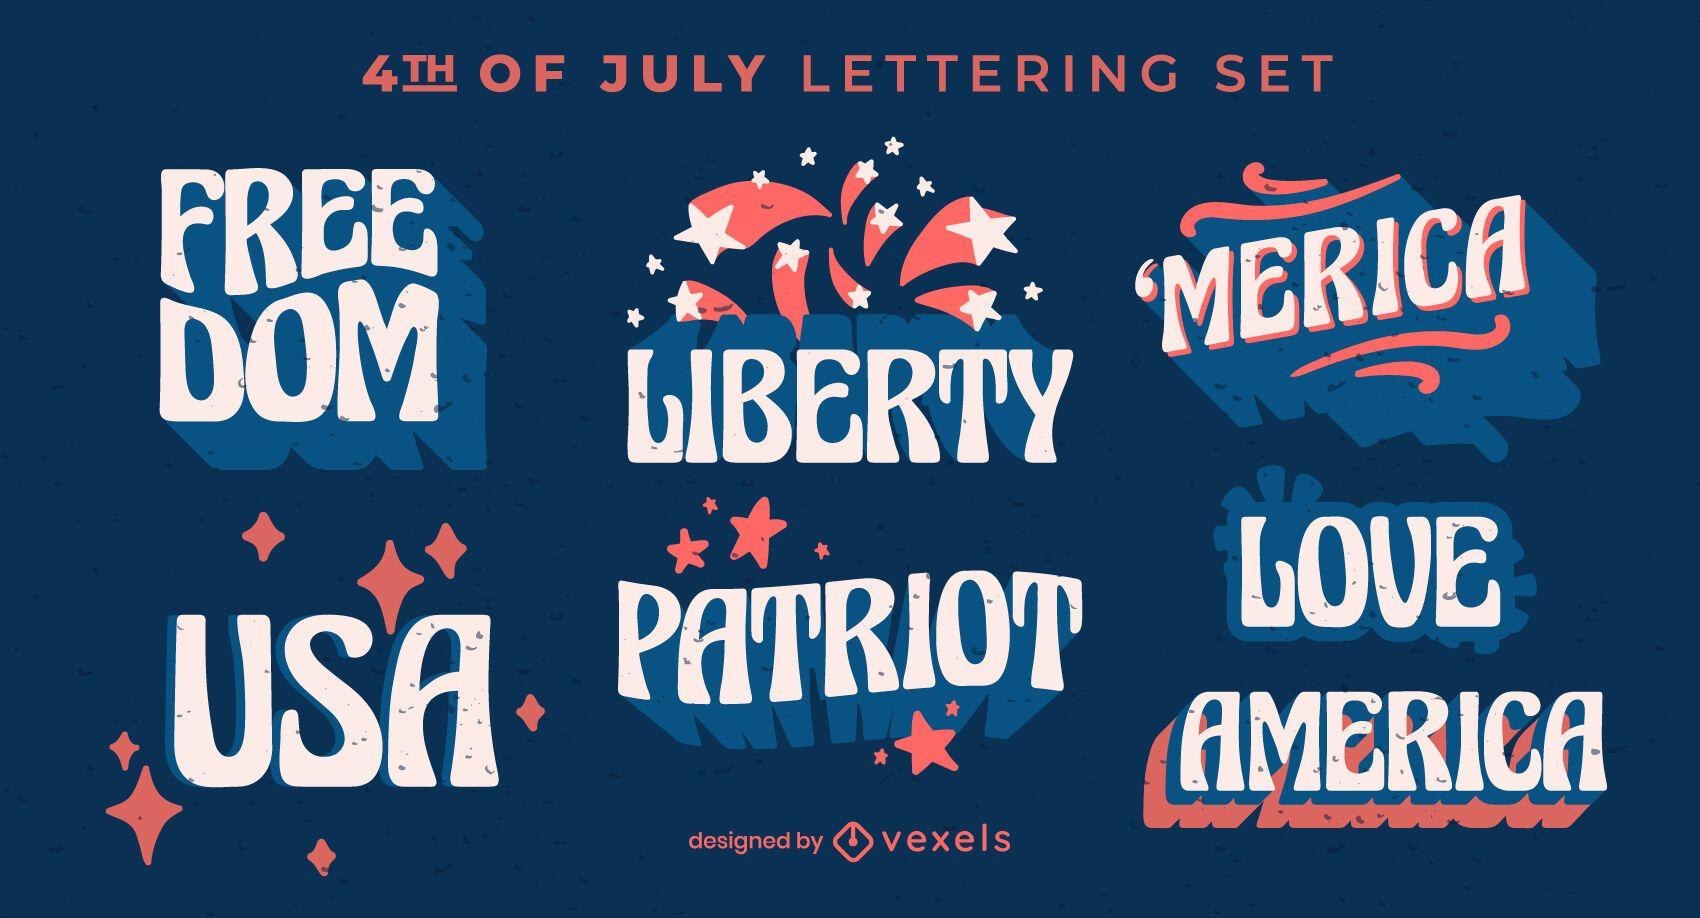 Conjunto de elementos de letras de 4 de julho